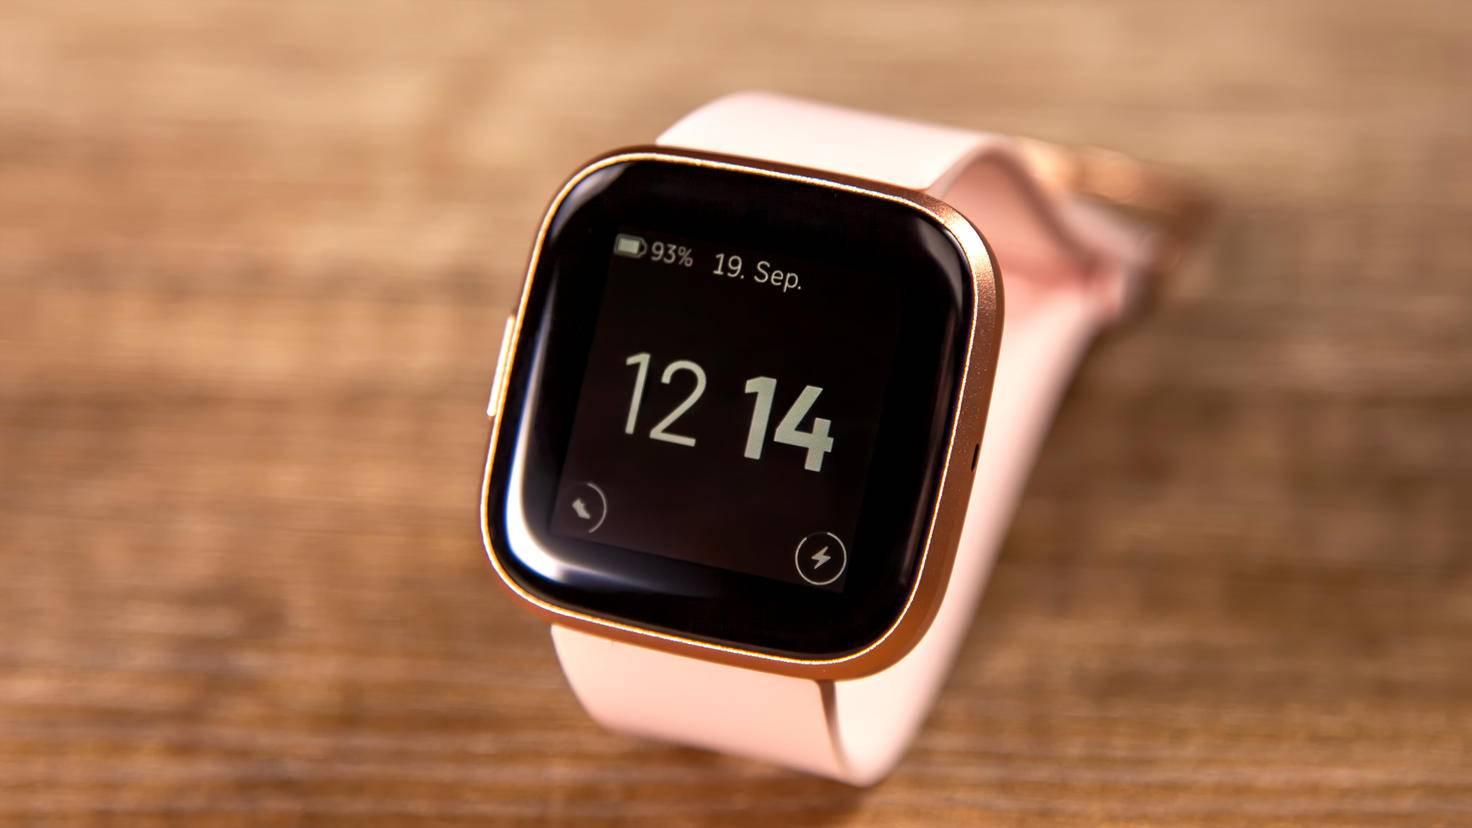 Das Design des Always-On-Displays ist reduziert, dafür ist die Uhrzeit aber immer sichtbar.